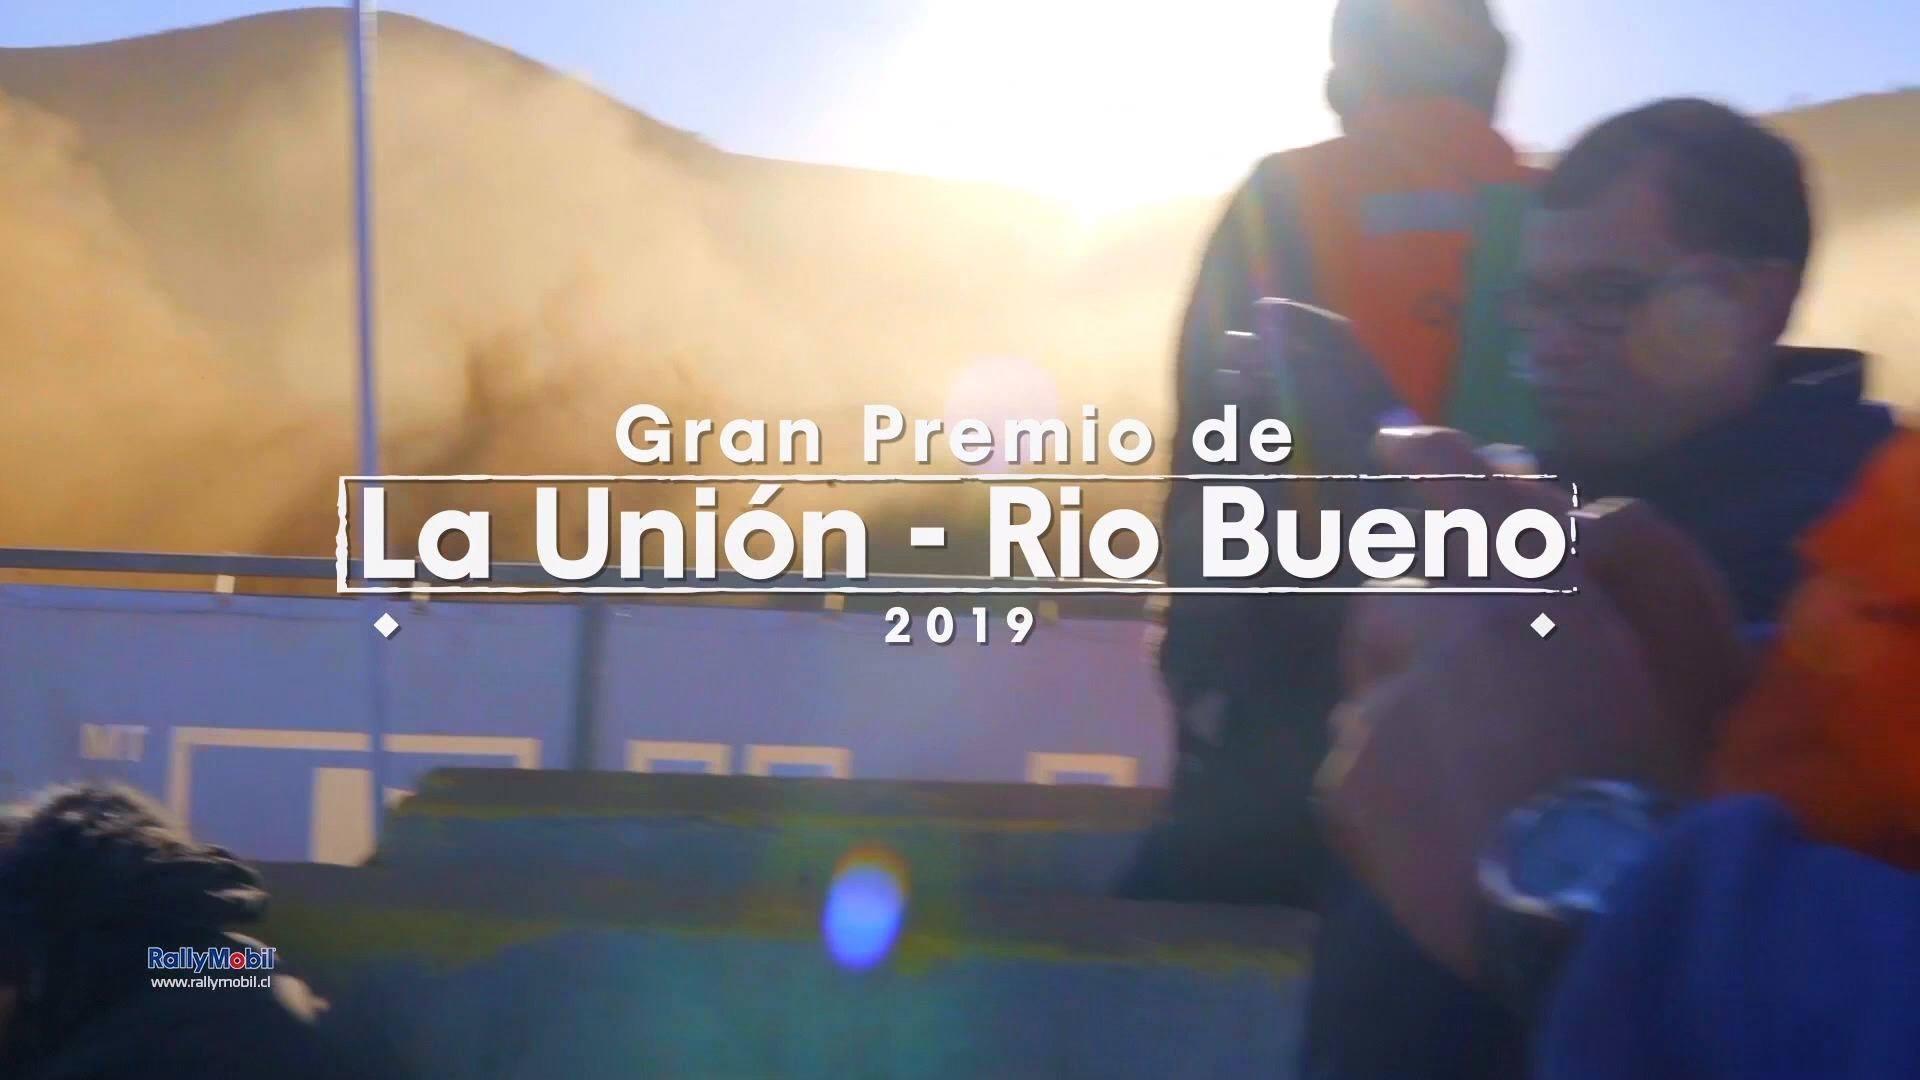 RallyMobil La Unión - Río Bueno